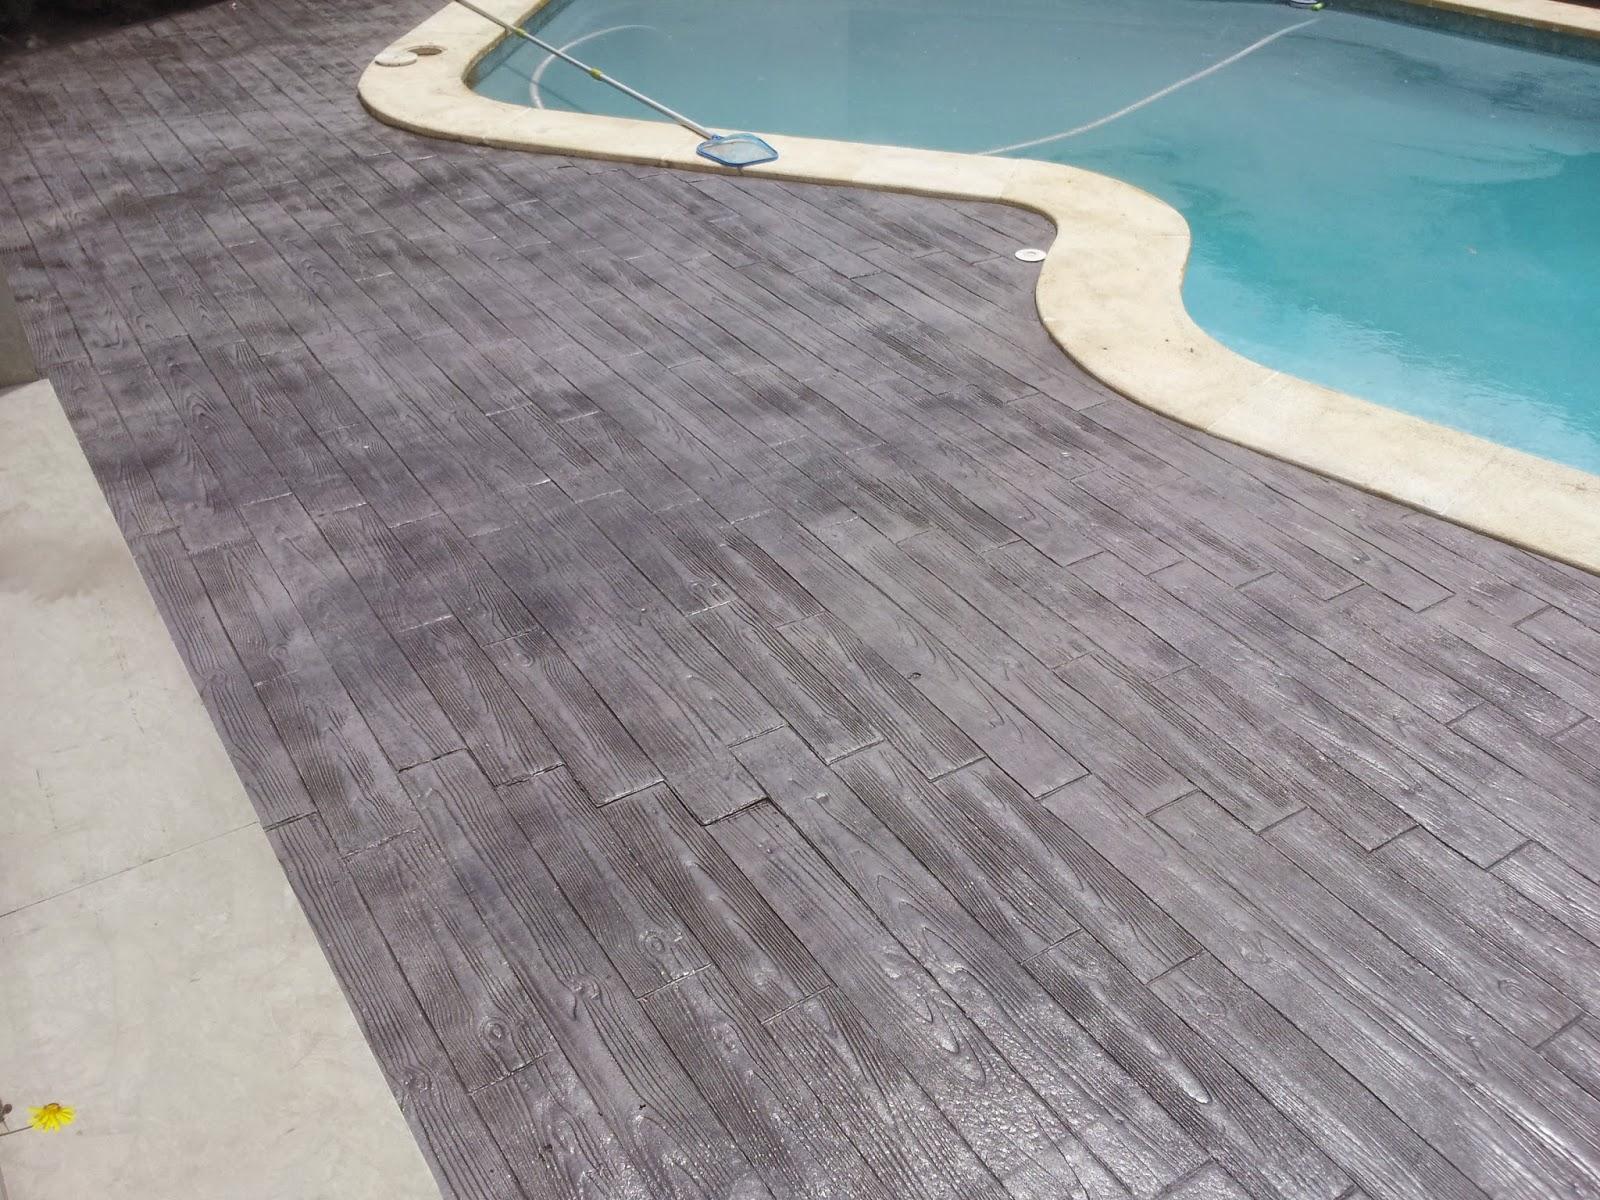 Hormigon impreso naquera pavimentos naquera hormigon - Hormigon decorativo para suelos ...